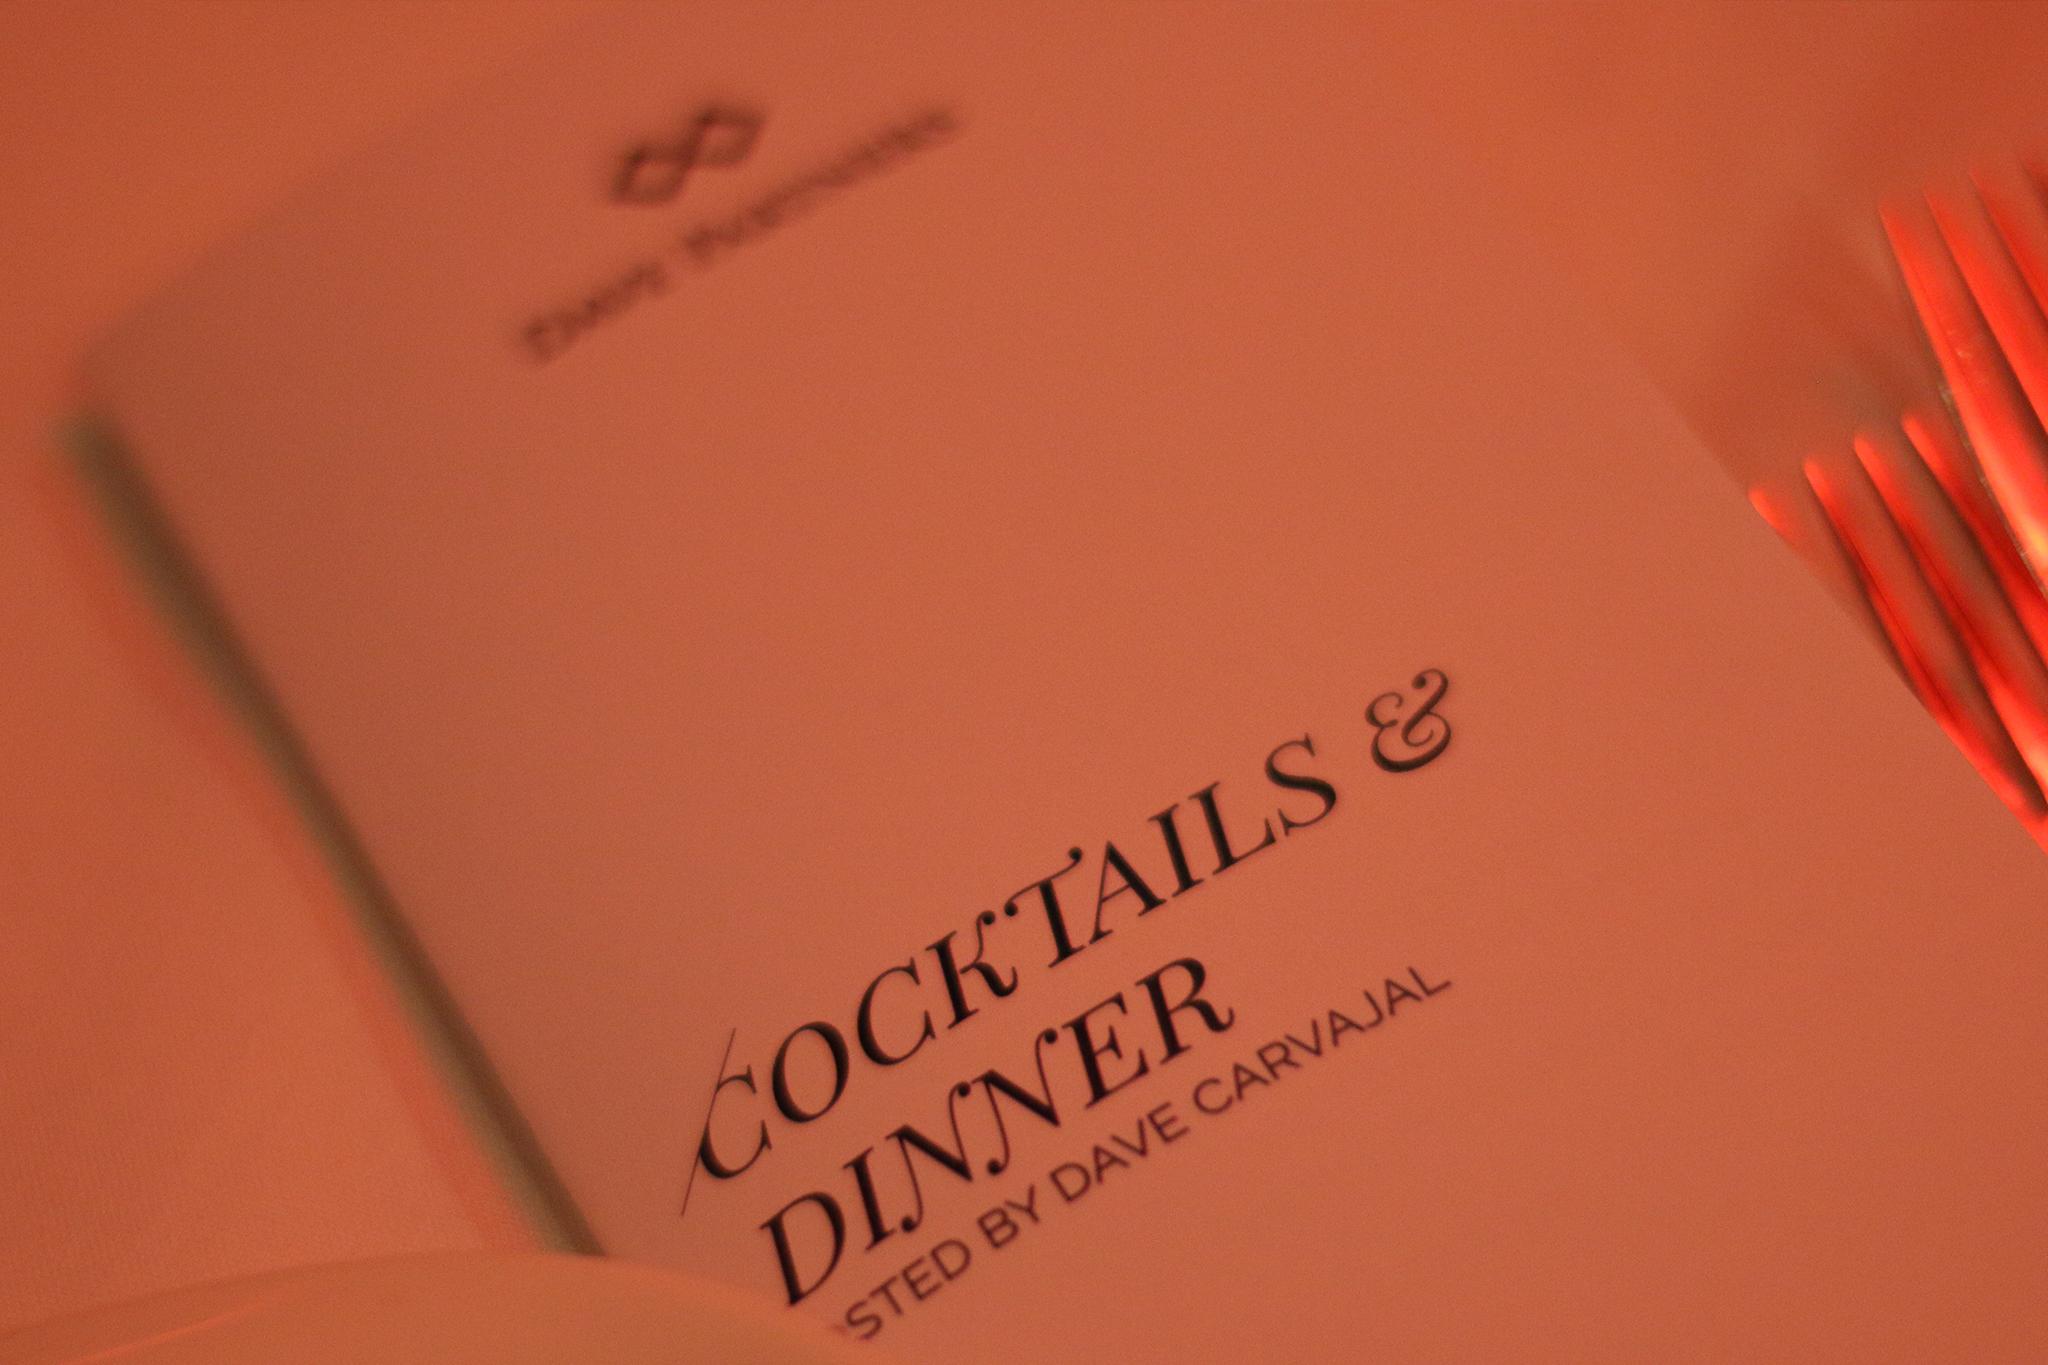 Special Dinner w/ Dave Carvajal